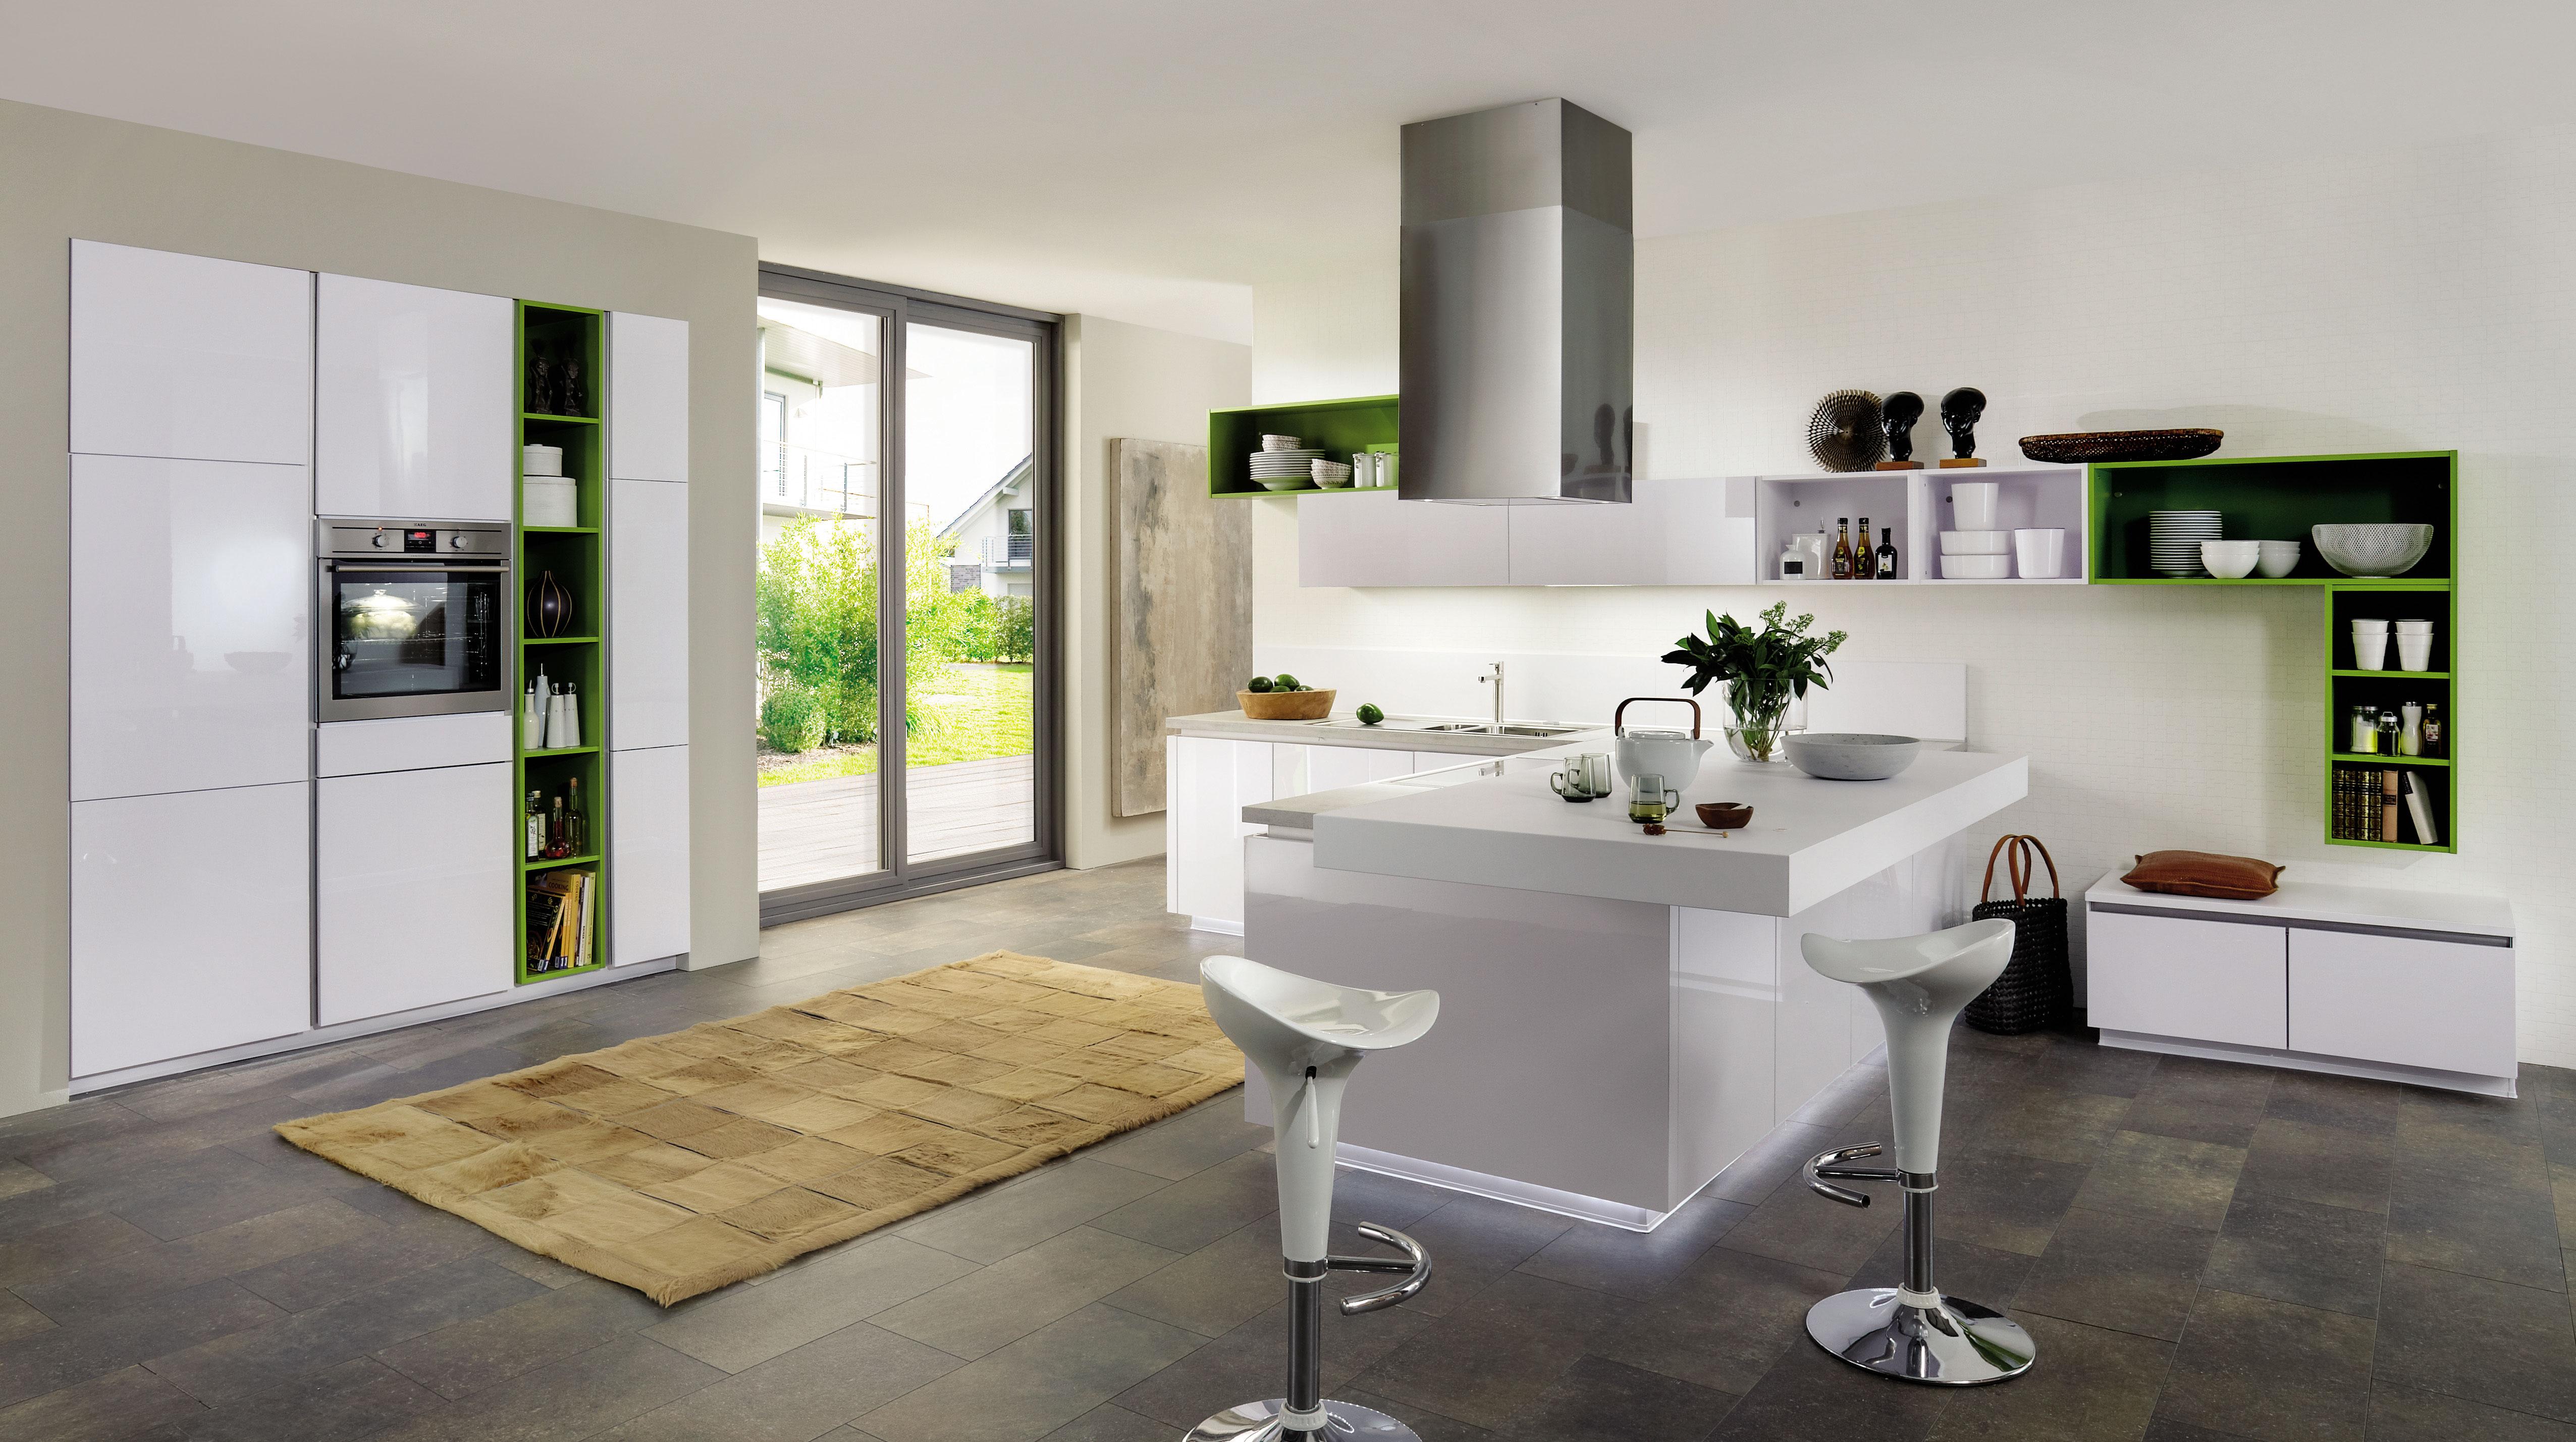 meubles couloir brou top meuble couloir etroit meuble pour couloir etroit meuble rangement. Black Bedroom Furniture Sets. Home Design Ideas